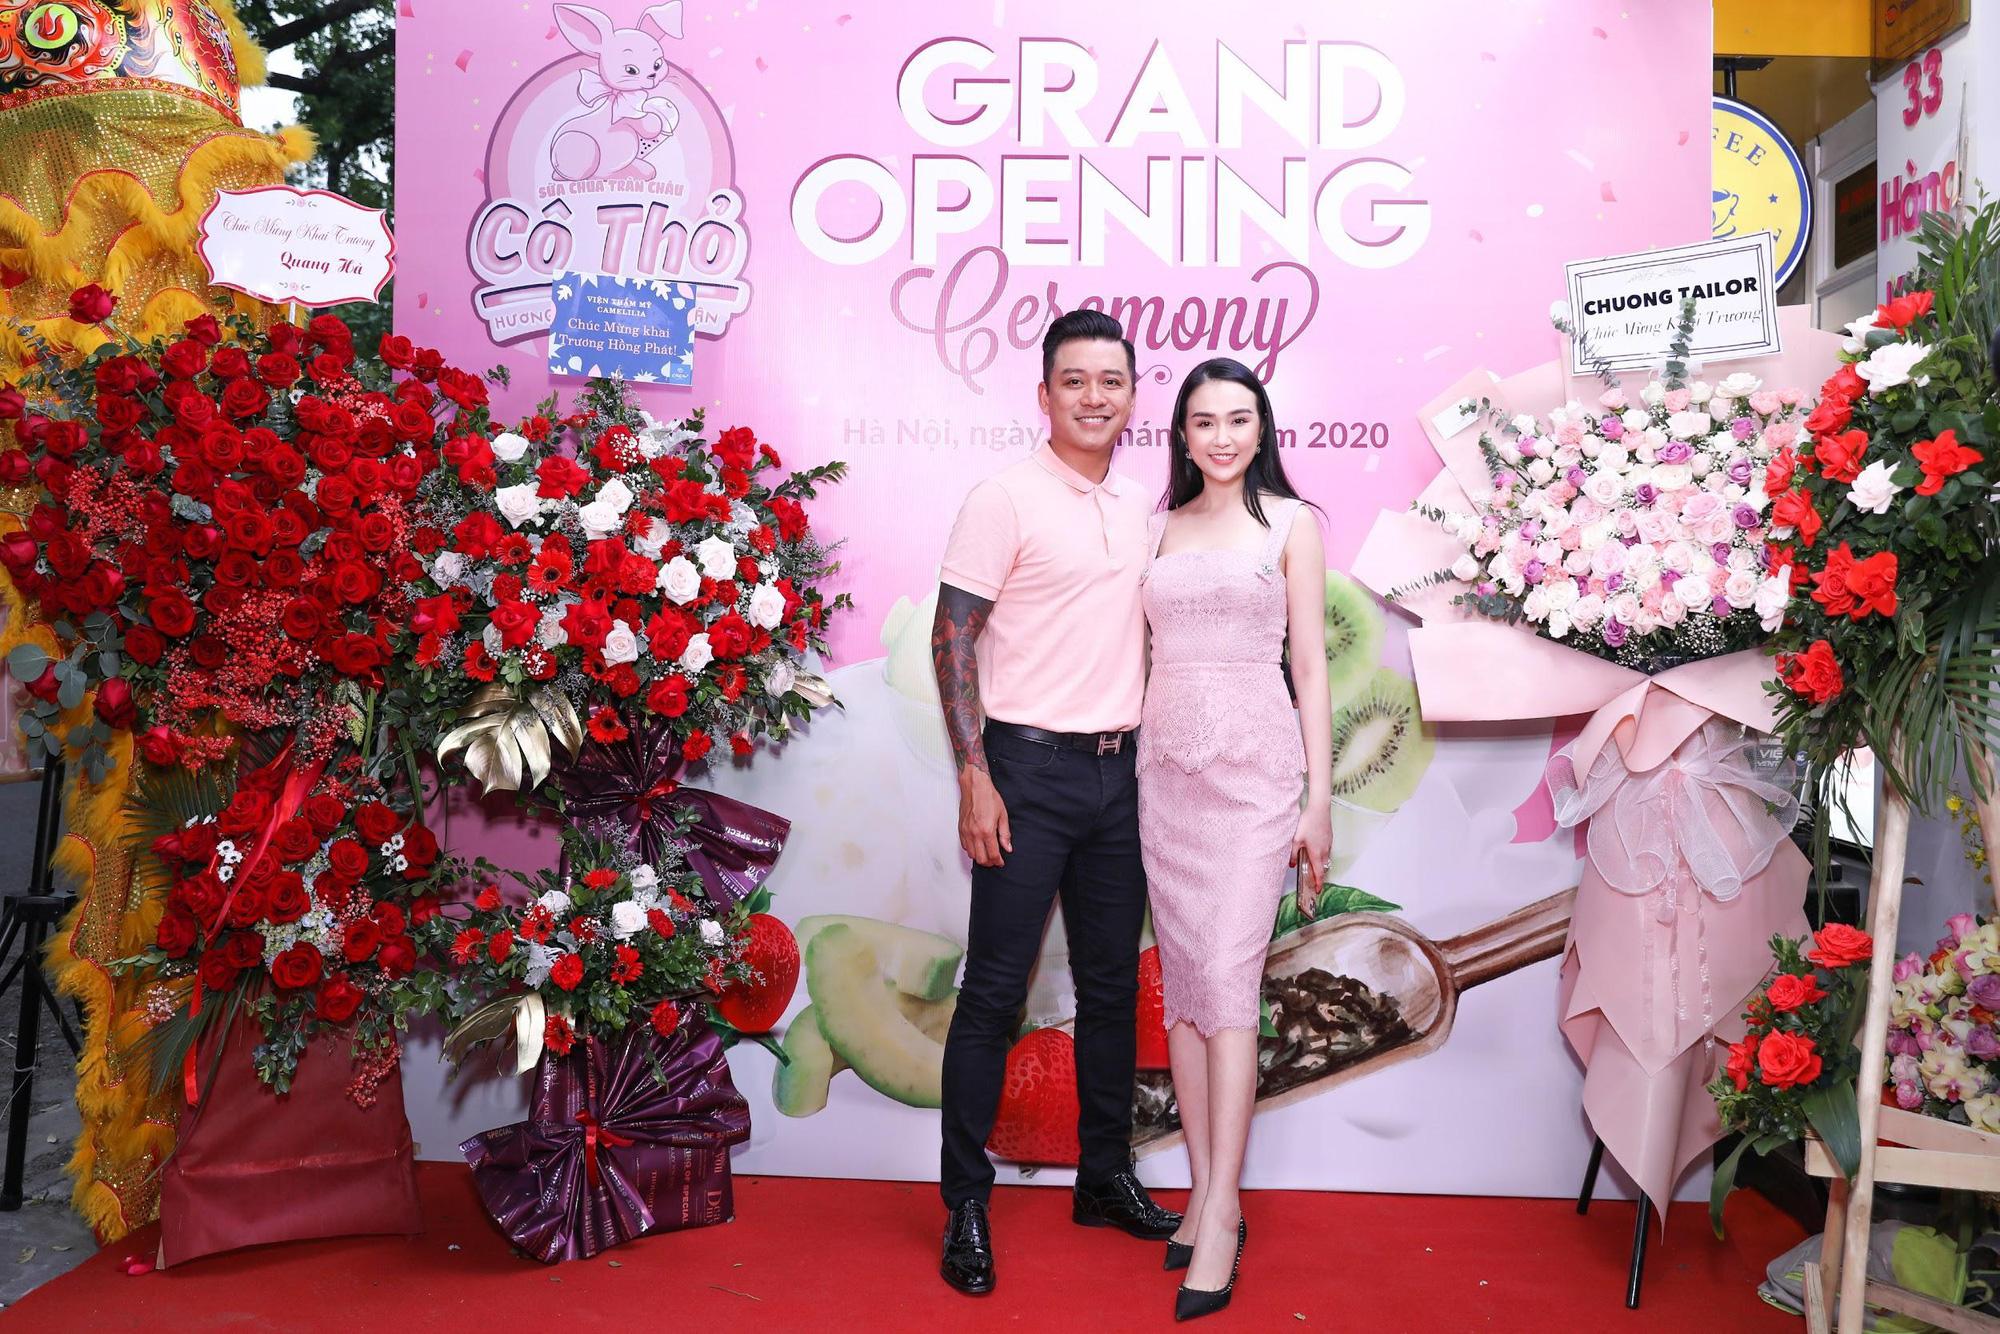 Hương Baby - Tuấn Hưng mở 40 chi nhánh sữa chua trân châu trên toàn quốc - Ảnh 2.